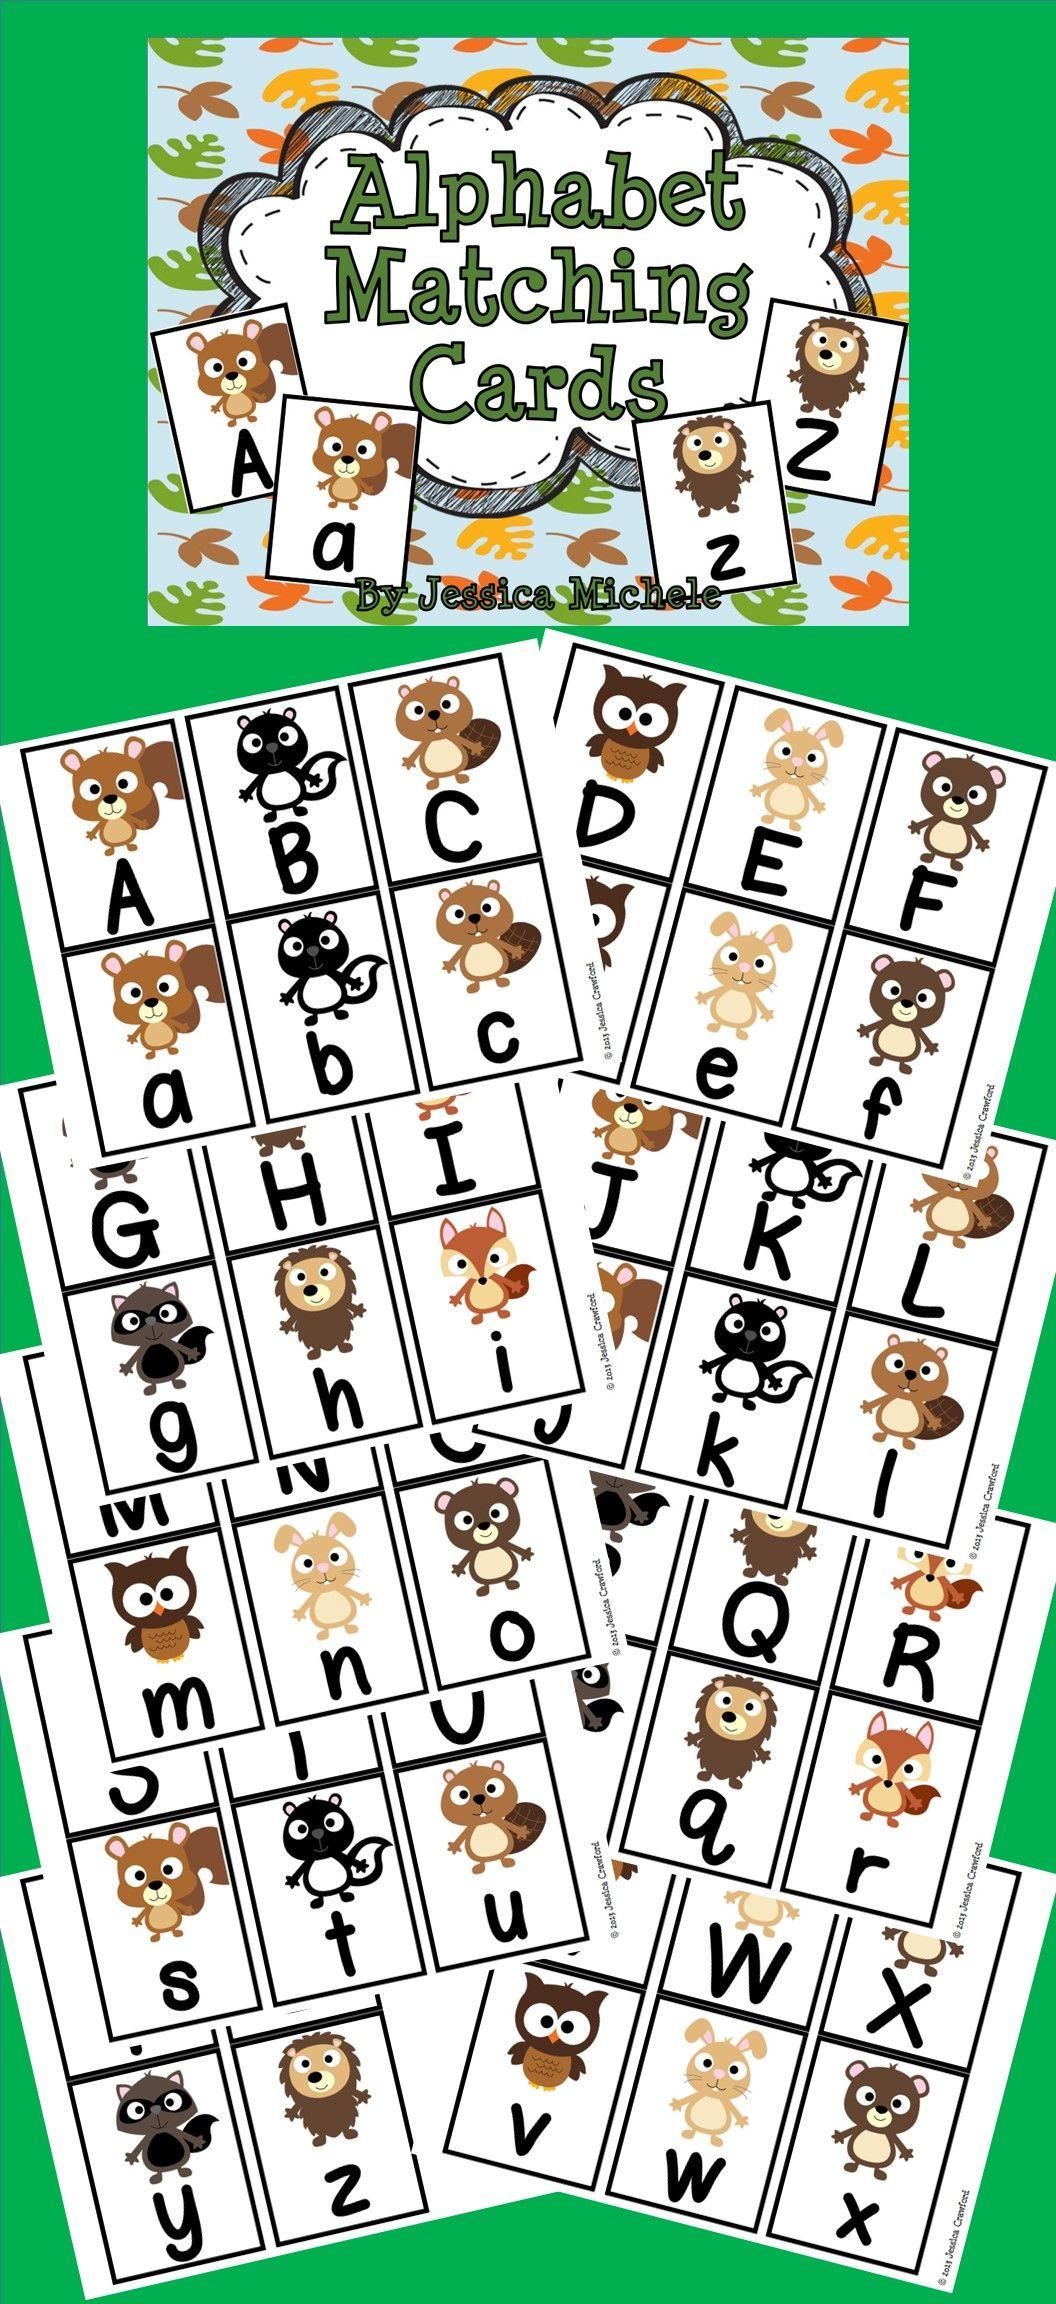 Alphabet Matching Cards Woodland Animal Theme